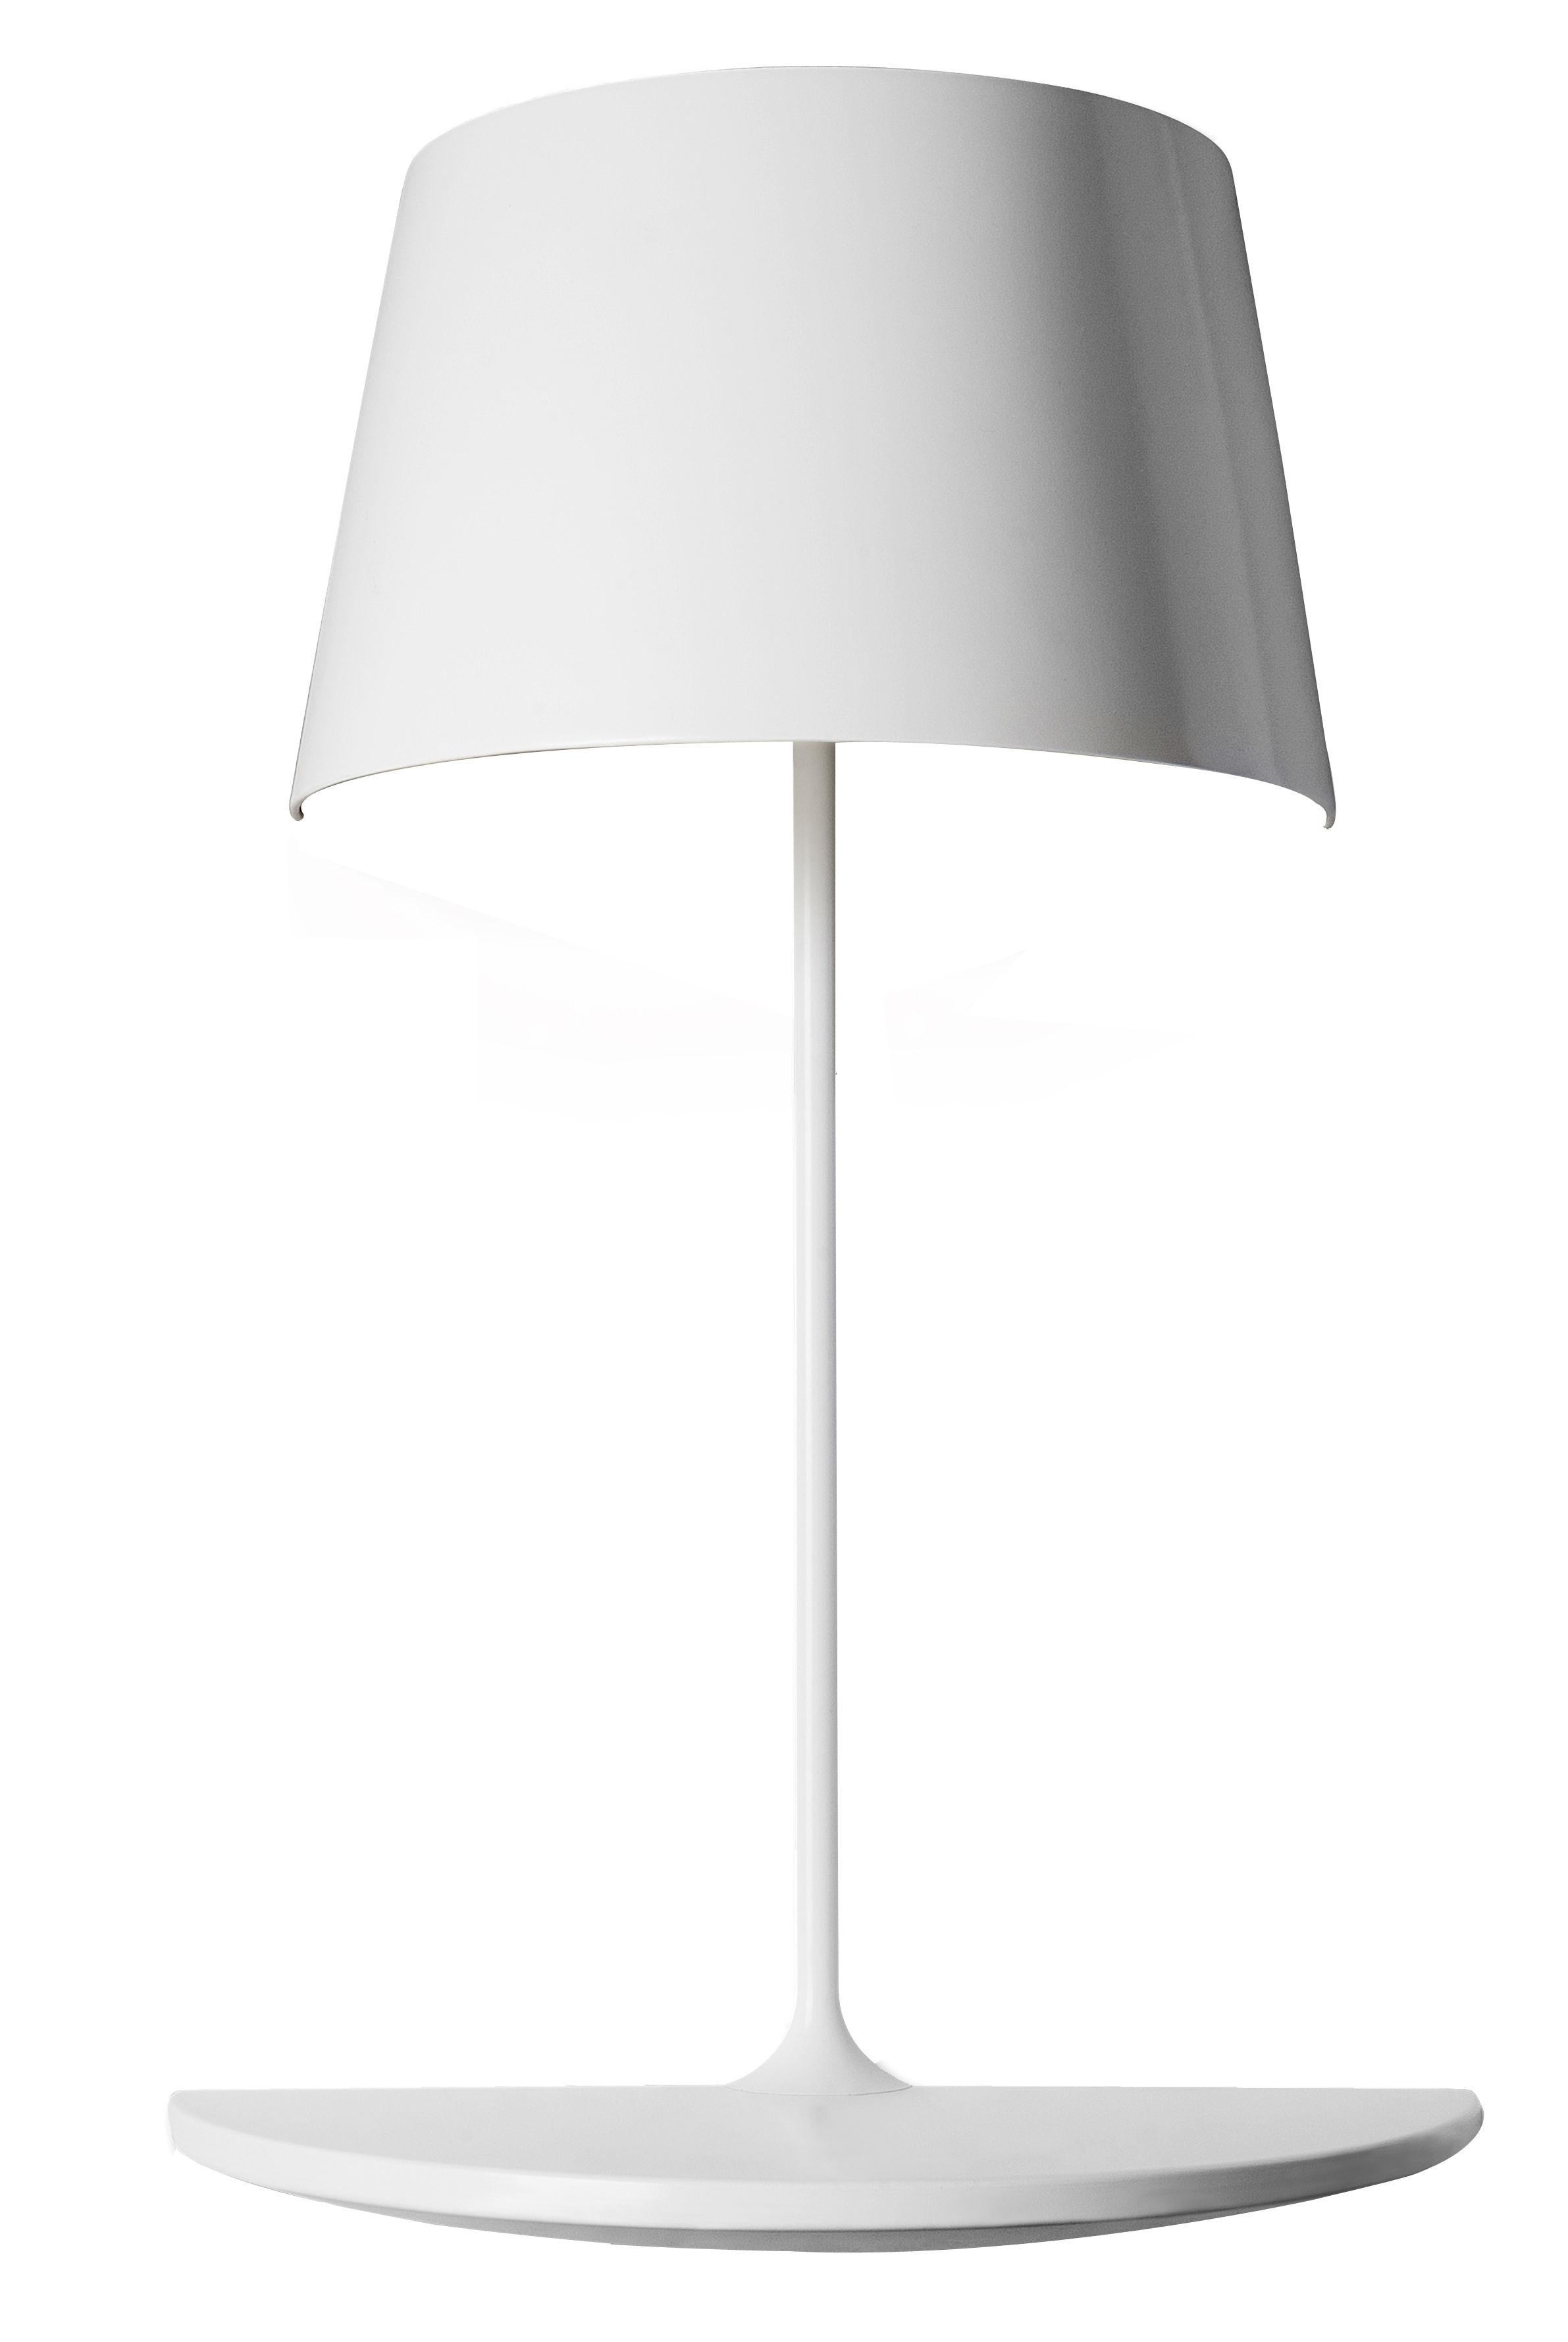 Möbel - Regale und Bücherregale - Ilusion Half Wandleuchte Wandleuchte/Regal - Northern  - Weiß - Aluminium, Stahl